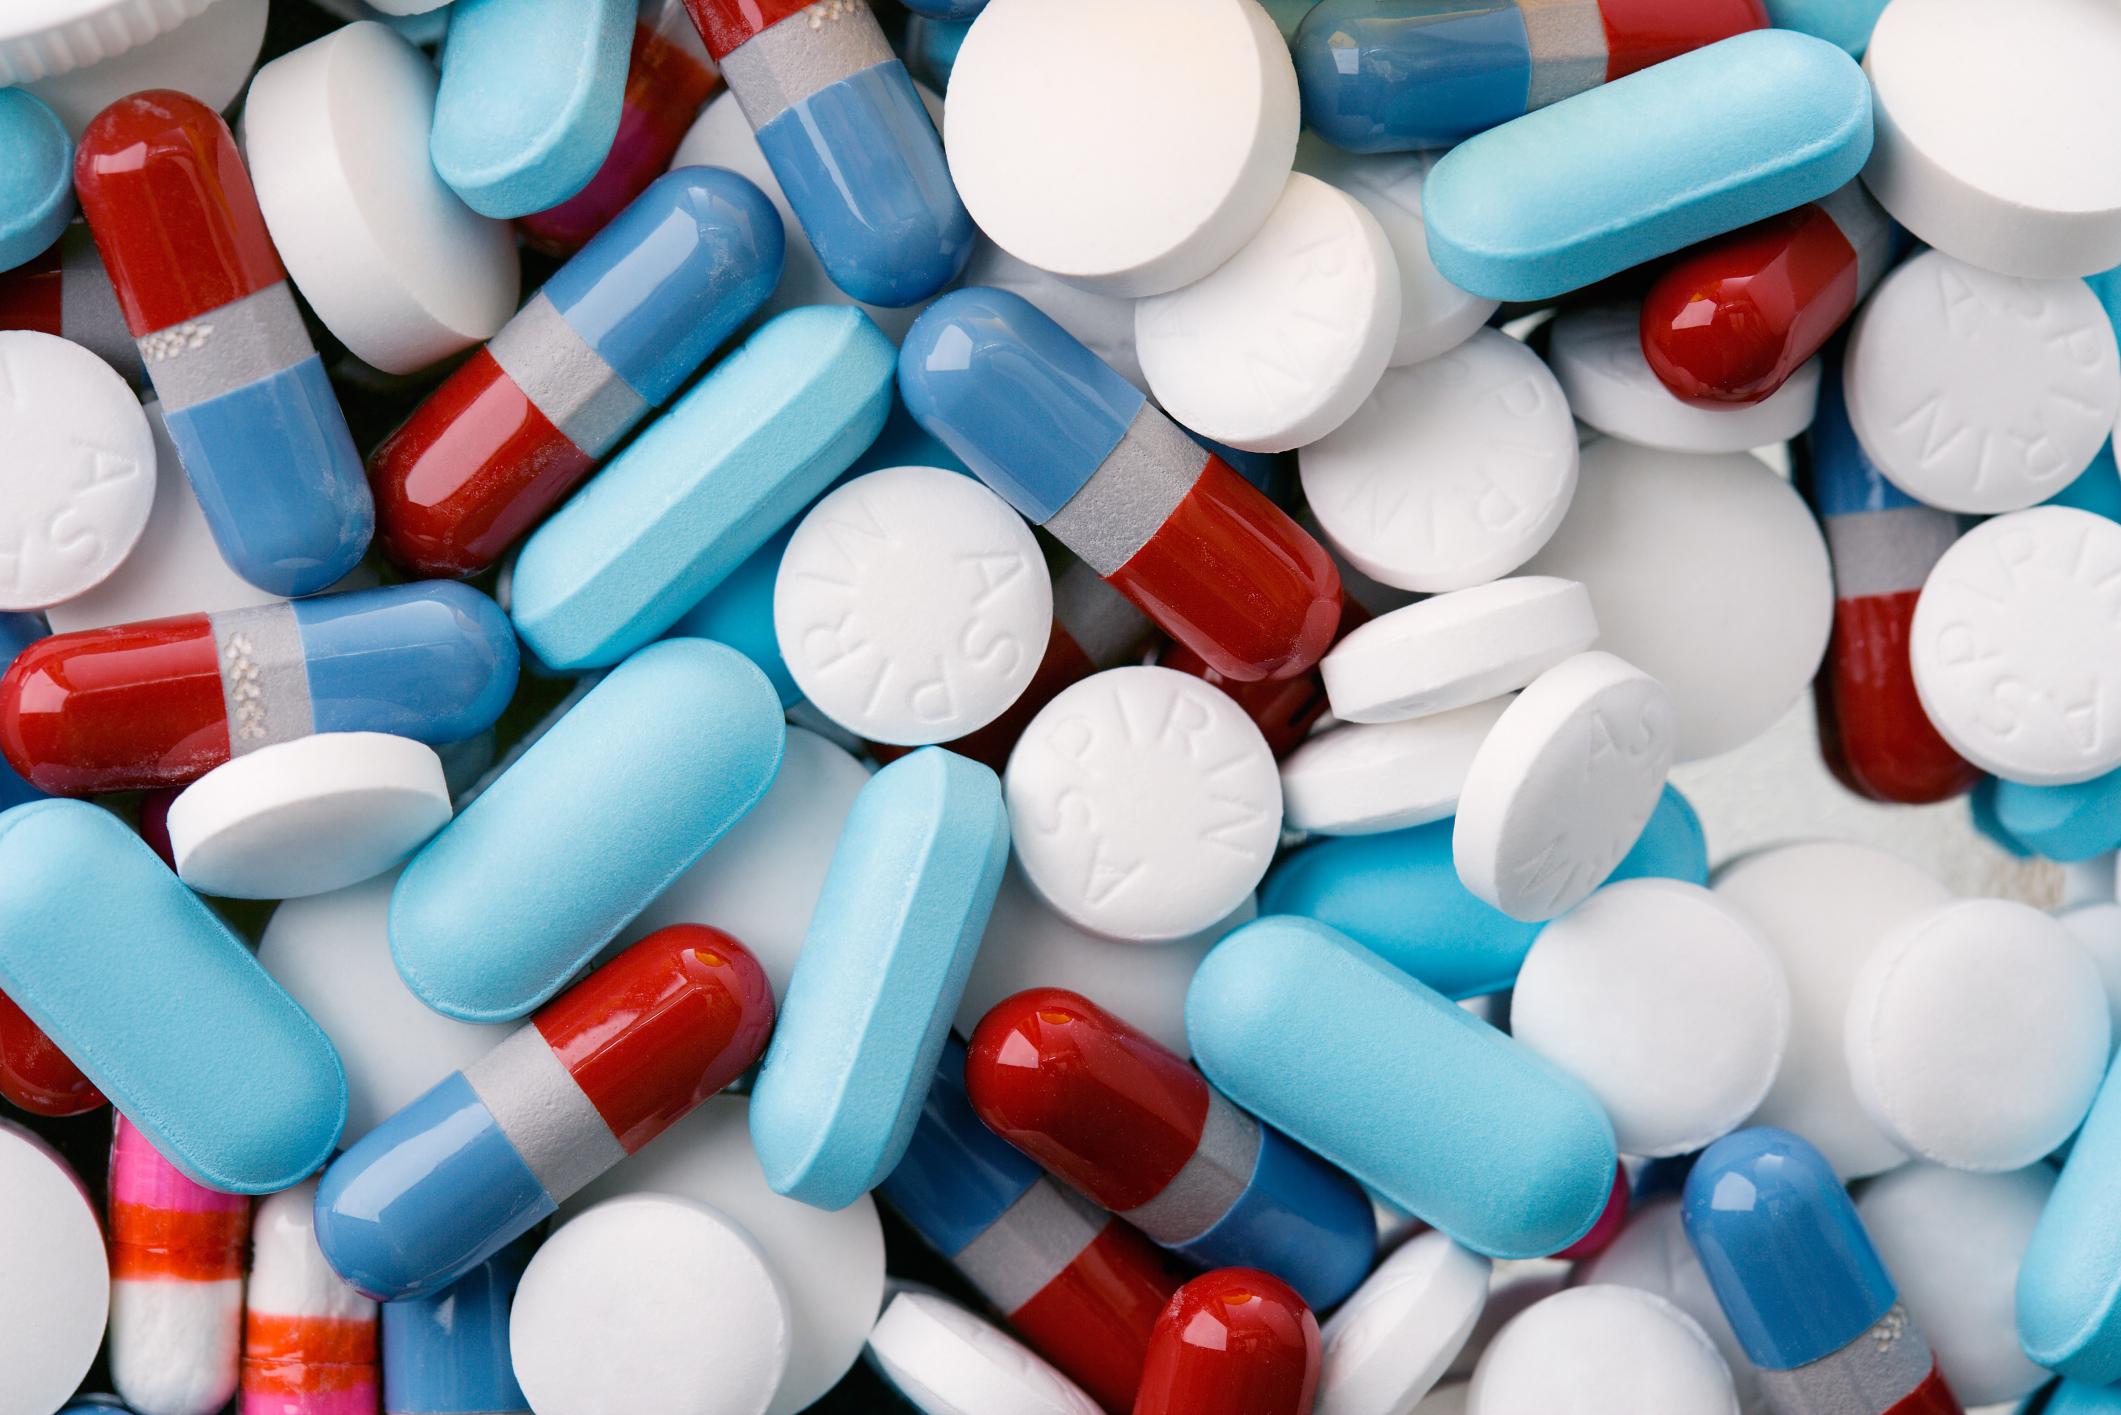 acido urico medicina homeopatica el queso oaxaca tiene acido urico que remedios caseros hay para la gota